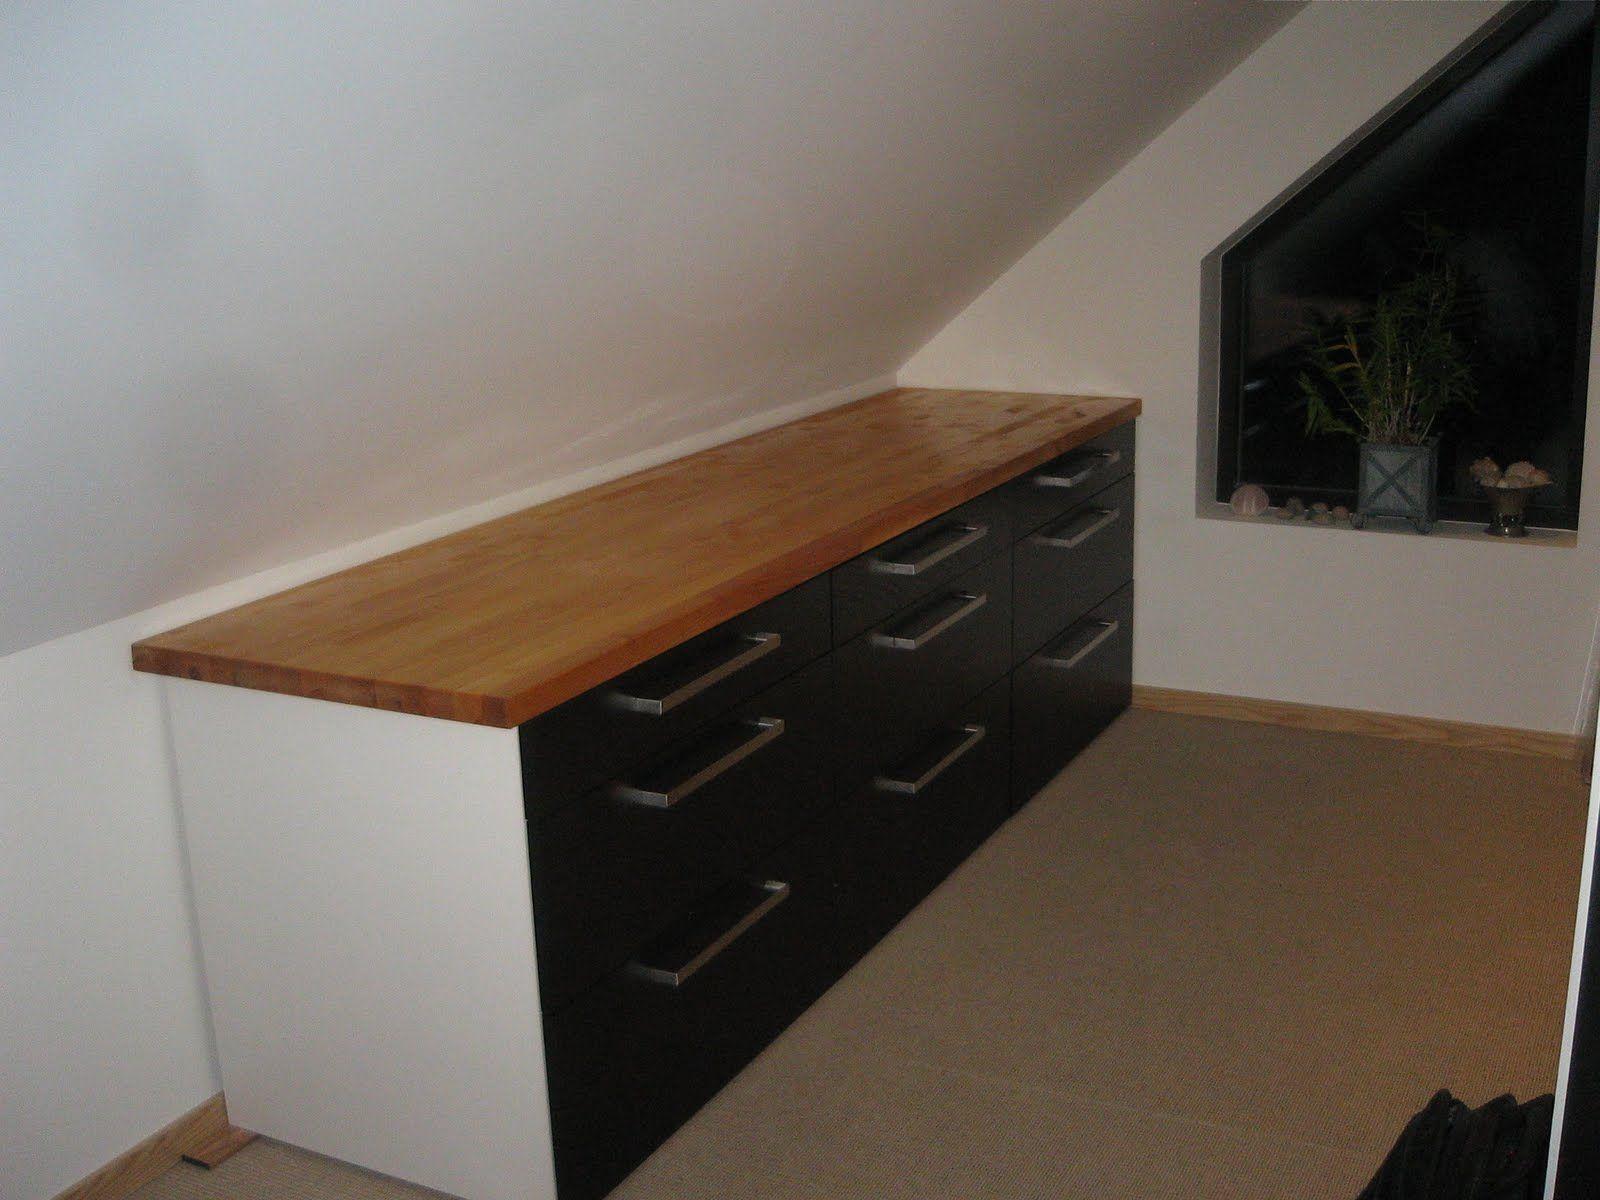 Kitchen cabinets in bedroom - IKEA Hackers  Bedroom storage